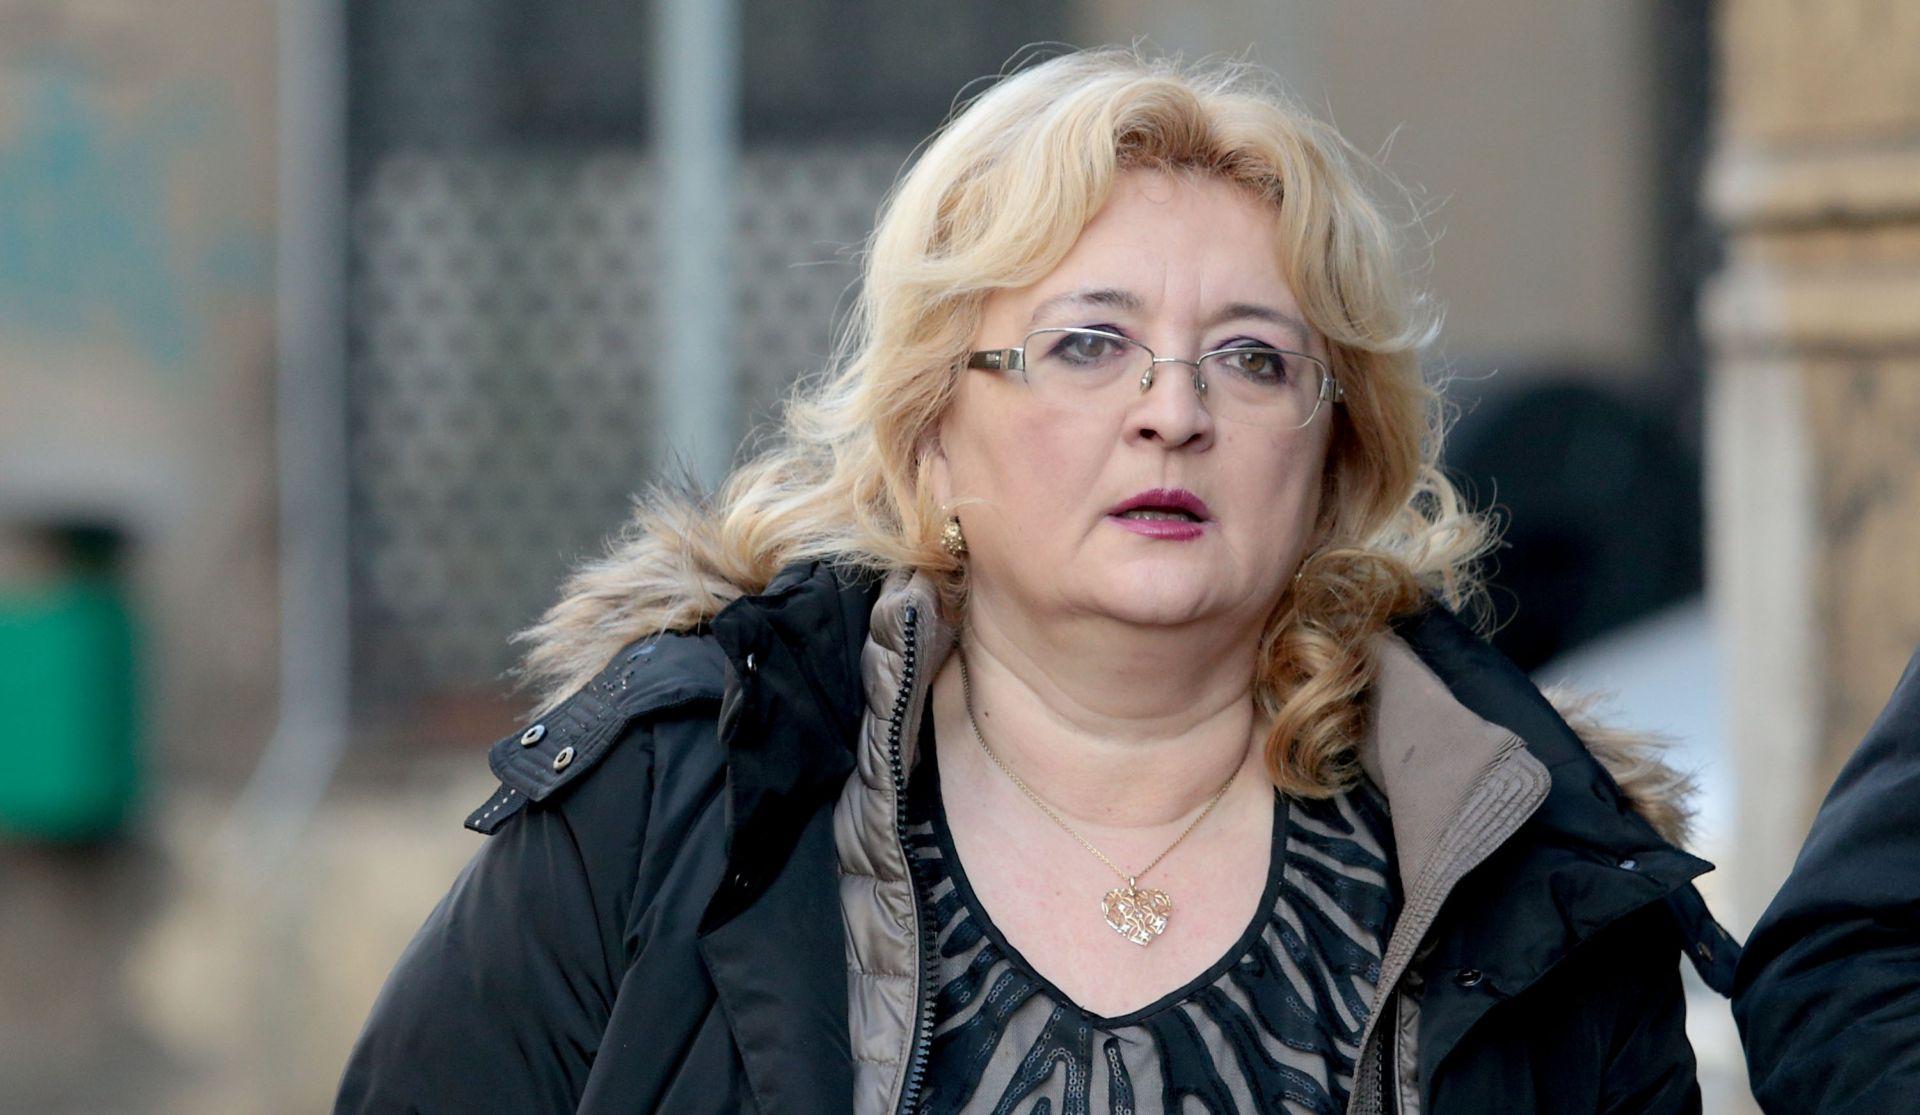 Strenja-Linić oslobođena plaćanja dopunskog osiguranja kao hrvatski branitelj zbog ozljeda u ratu